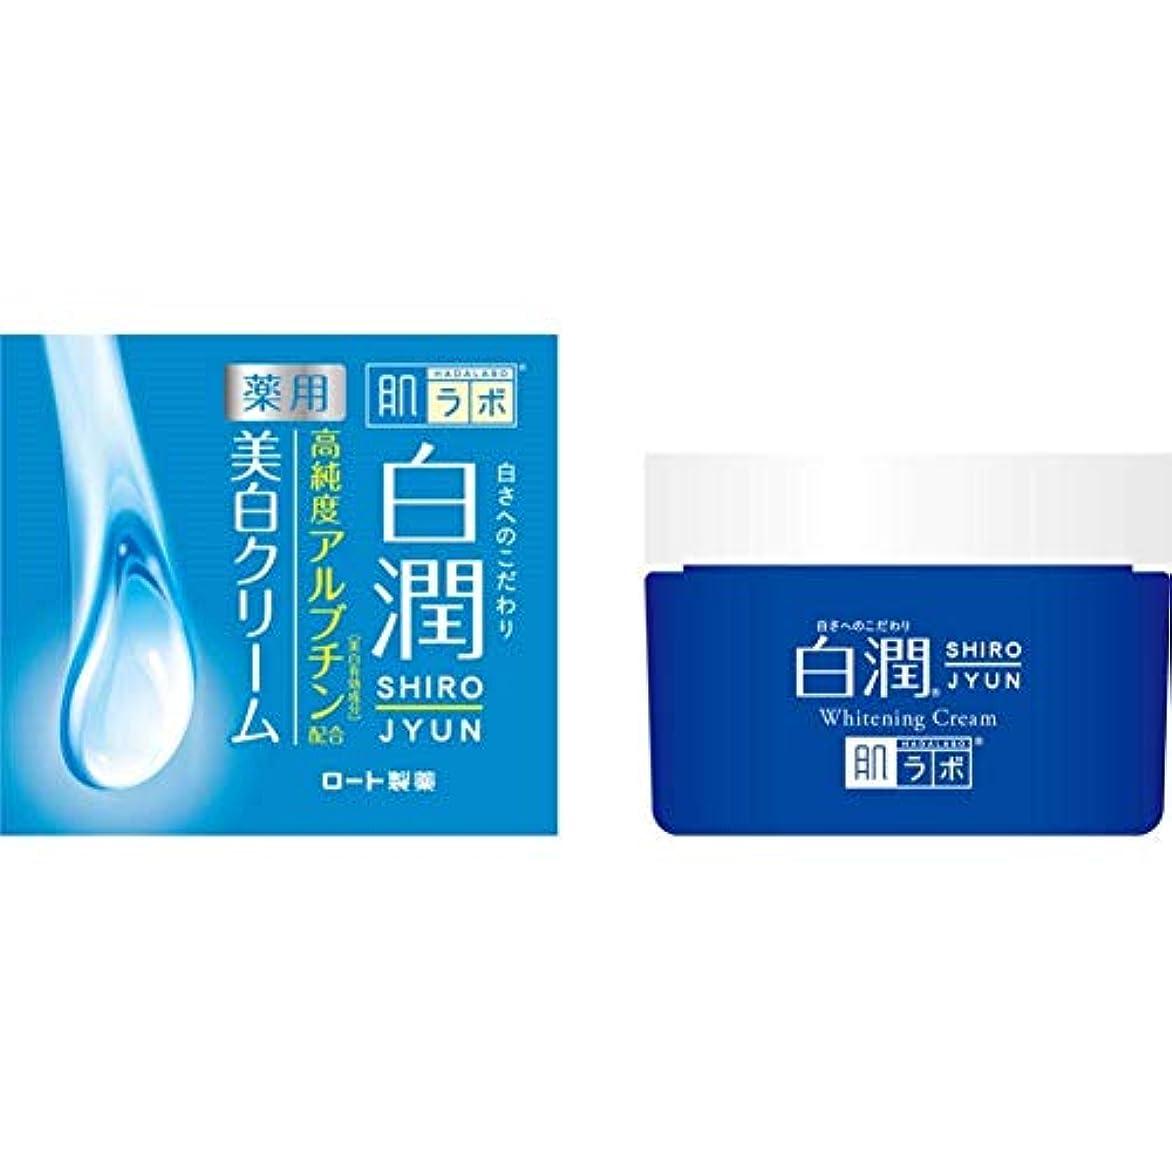 【ロート製薬】肌研 白潤薬用美白クリーム 50g(医薬部外品) ×3個セット